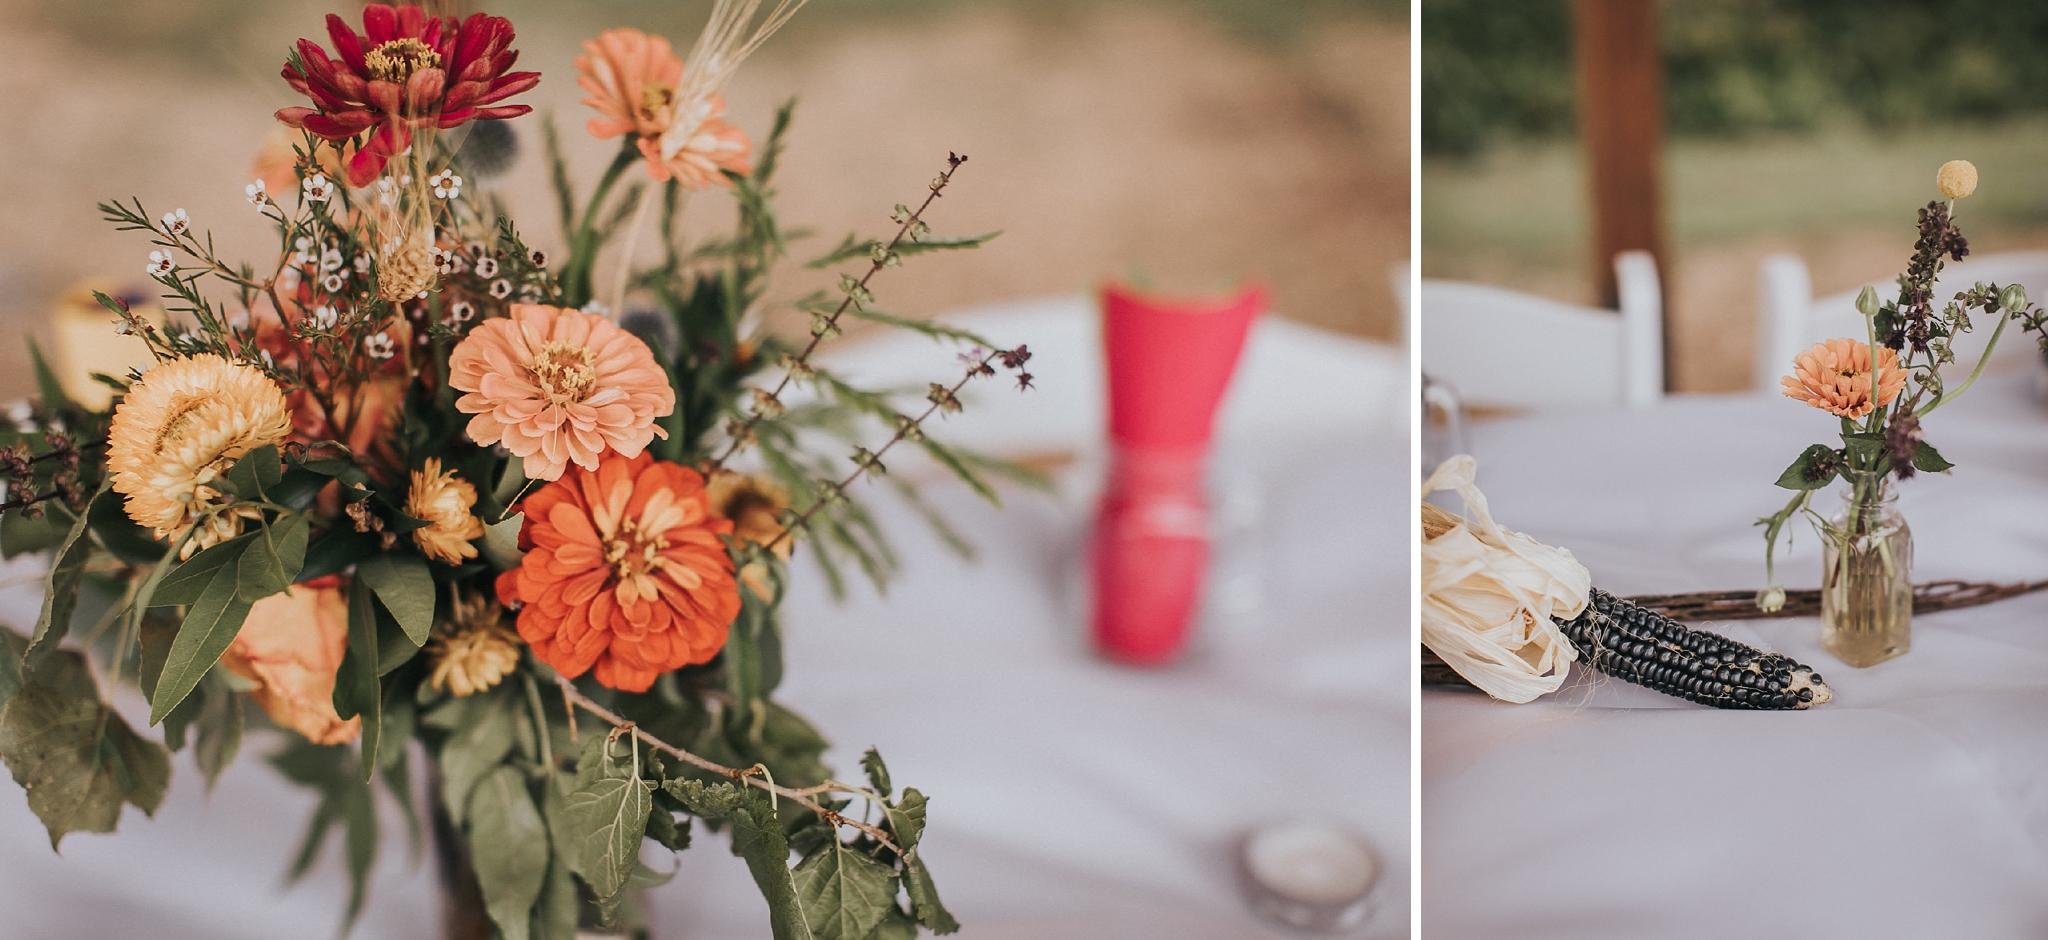 Alicia+lucia+photography+-+albuquerque+wedding+photographer+-+santa+fe+wedding+photography+-+new+mexico+wedding+photographer+-+new+mexico+wedding+-+new+mexico+florist+-+floriography+flowers+-+floriography+flowers+new+mexico+-+wedding+florist_0098.jpg